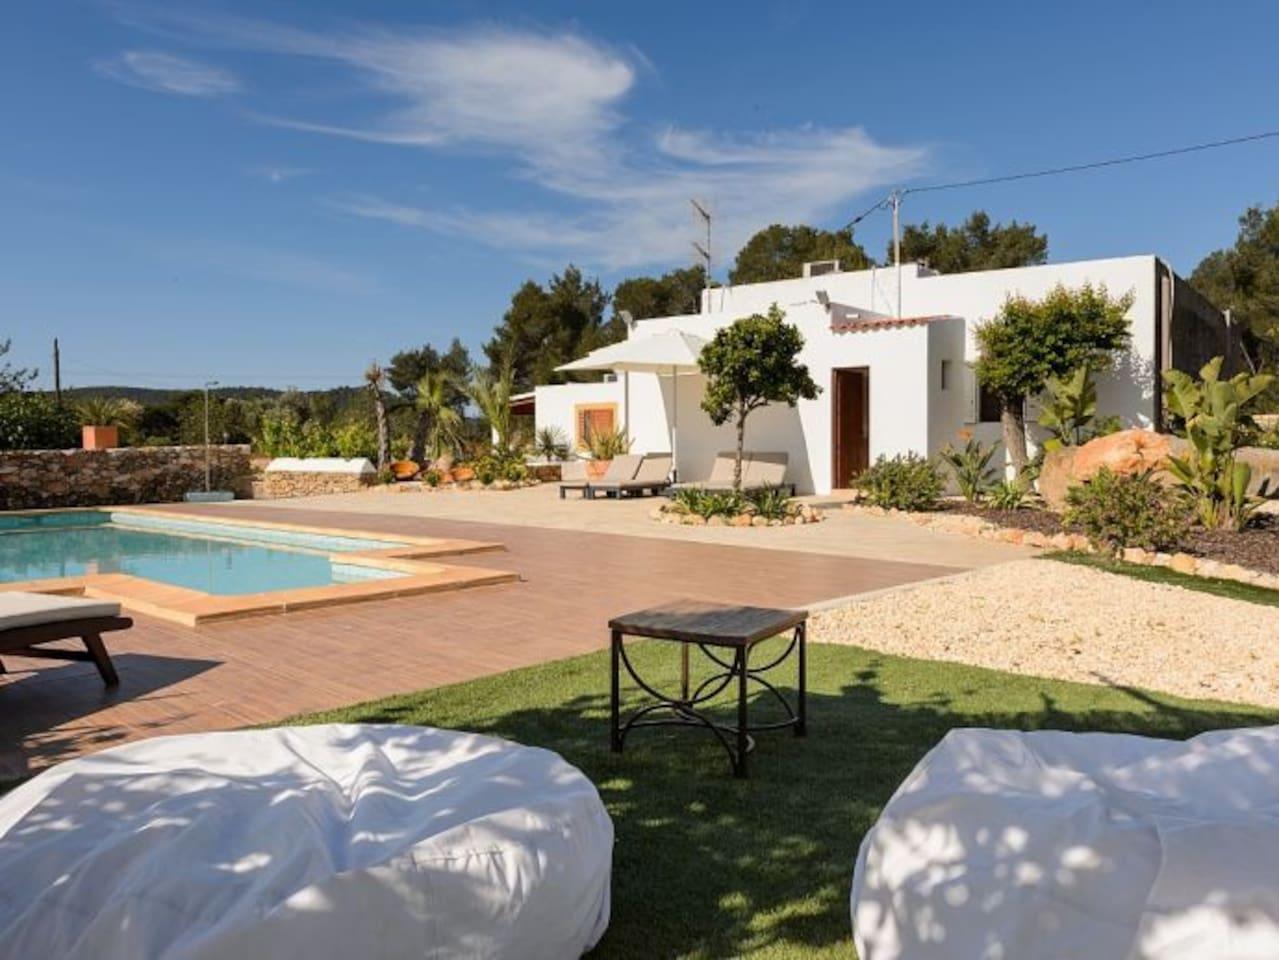 Casa Viola - Ibiza - Spain